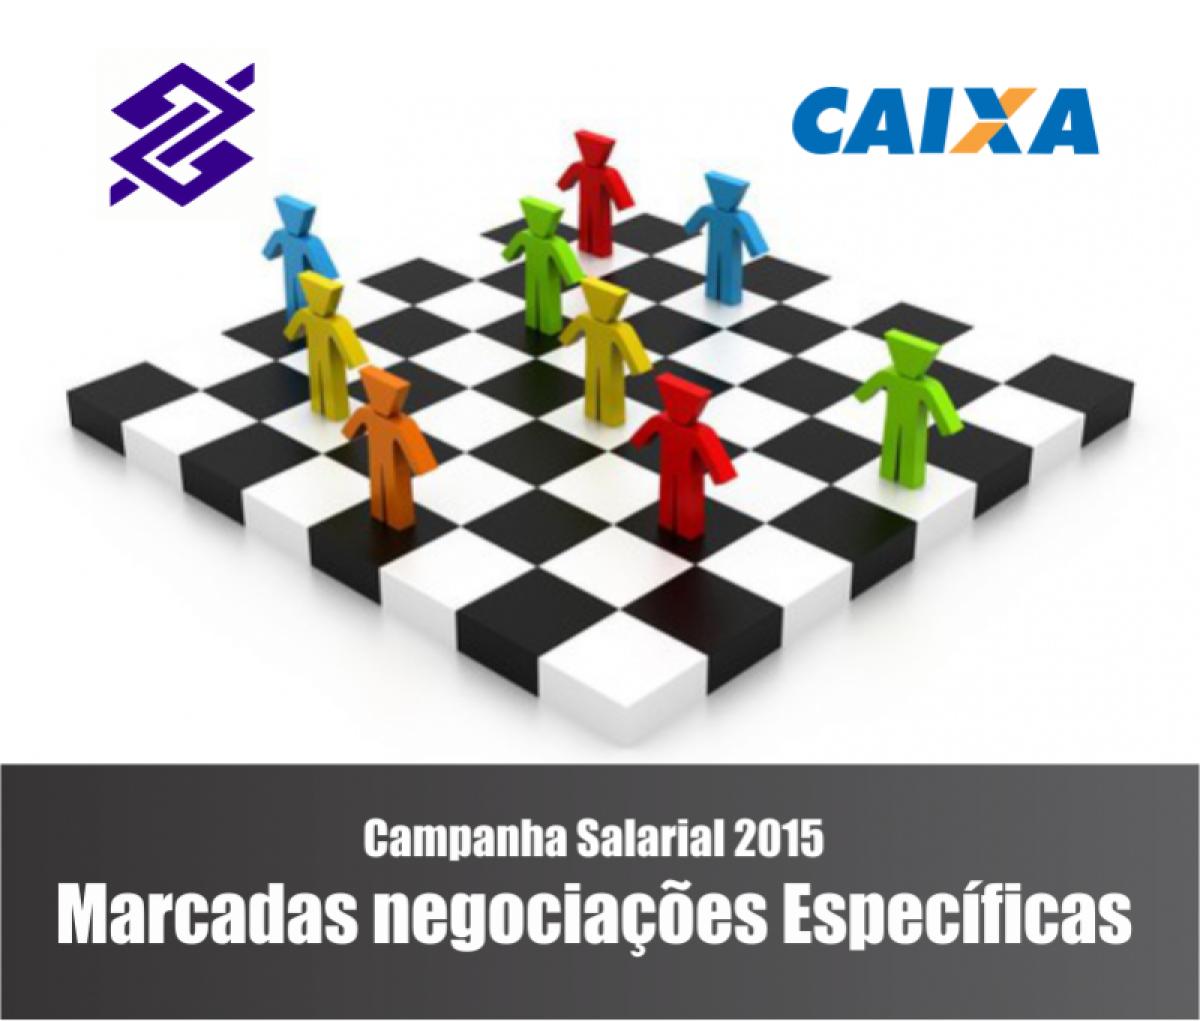 Marcadas negociações específicas com o Banco do Brasil e Caixa